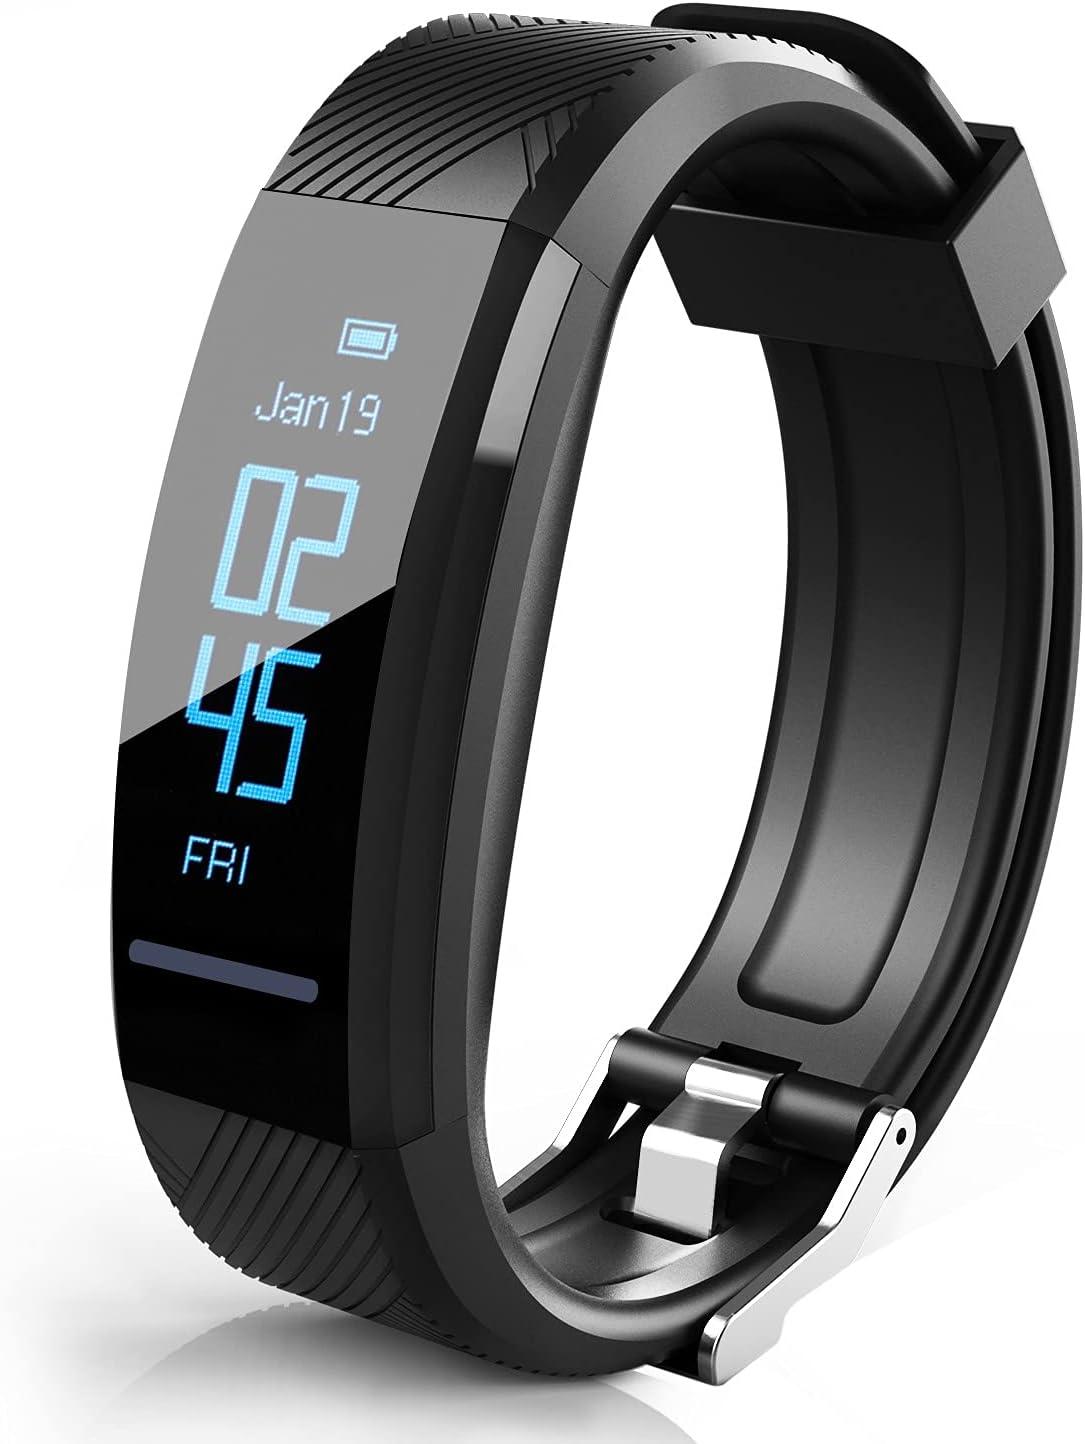 Pulsera de fitness, rastreador de fitness, monitor de frecuencia cardíaca, resistente al agua, IP67, reloj inteligente, rastreador de actividad, reloj deportivo, SMS, SNS,Whatsapp, alarma de vibración